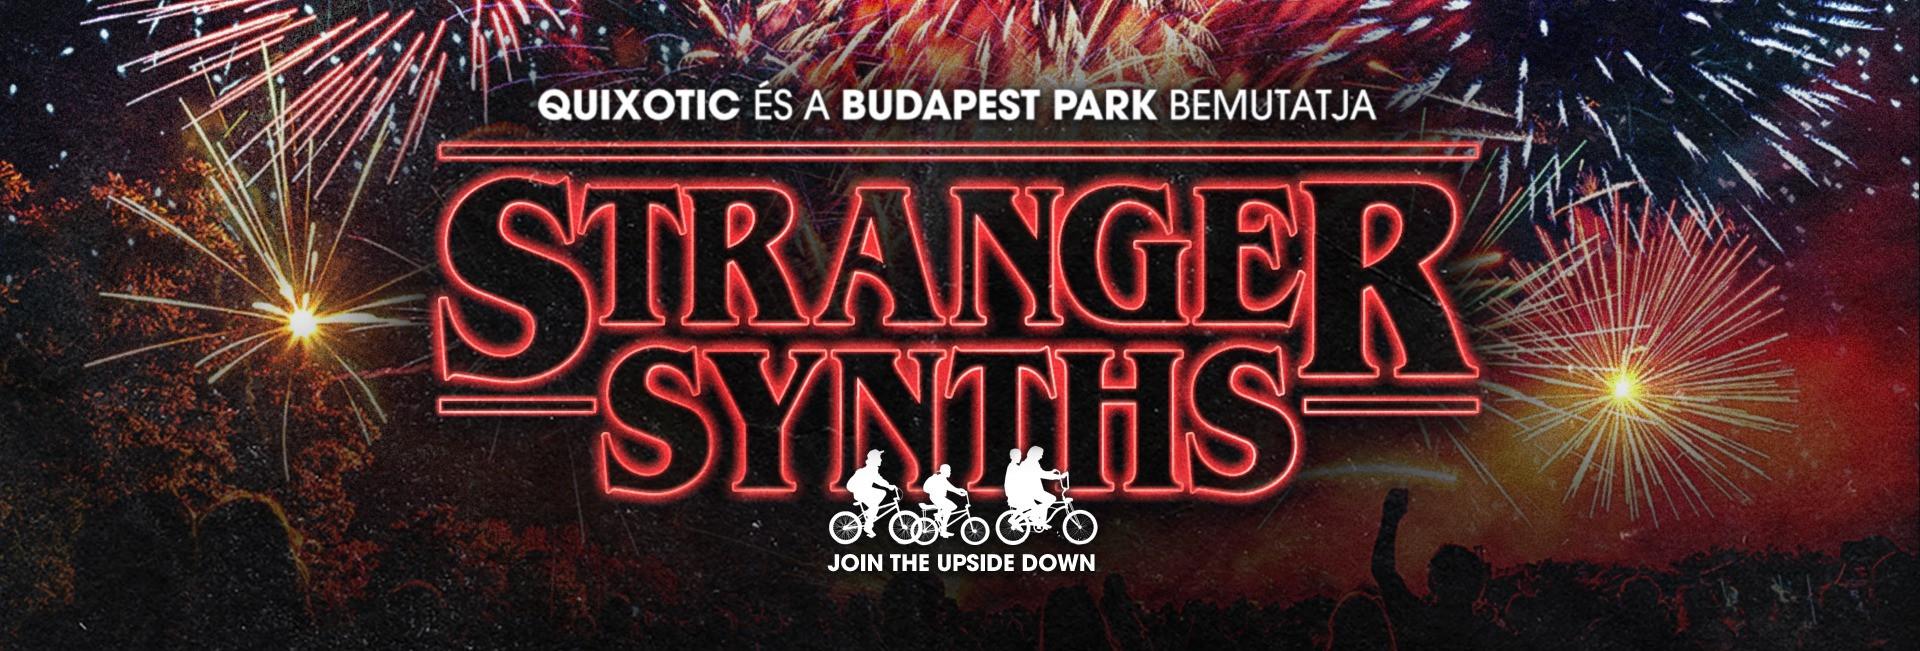 STRANGER SYNTHS - Budapest Park